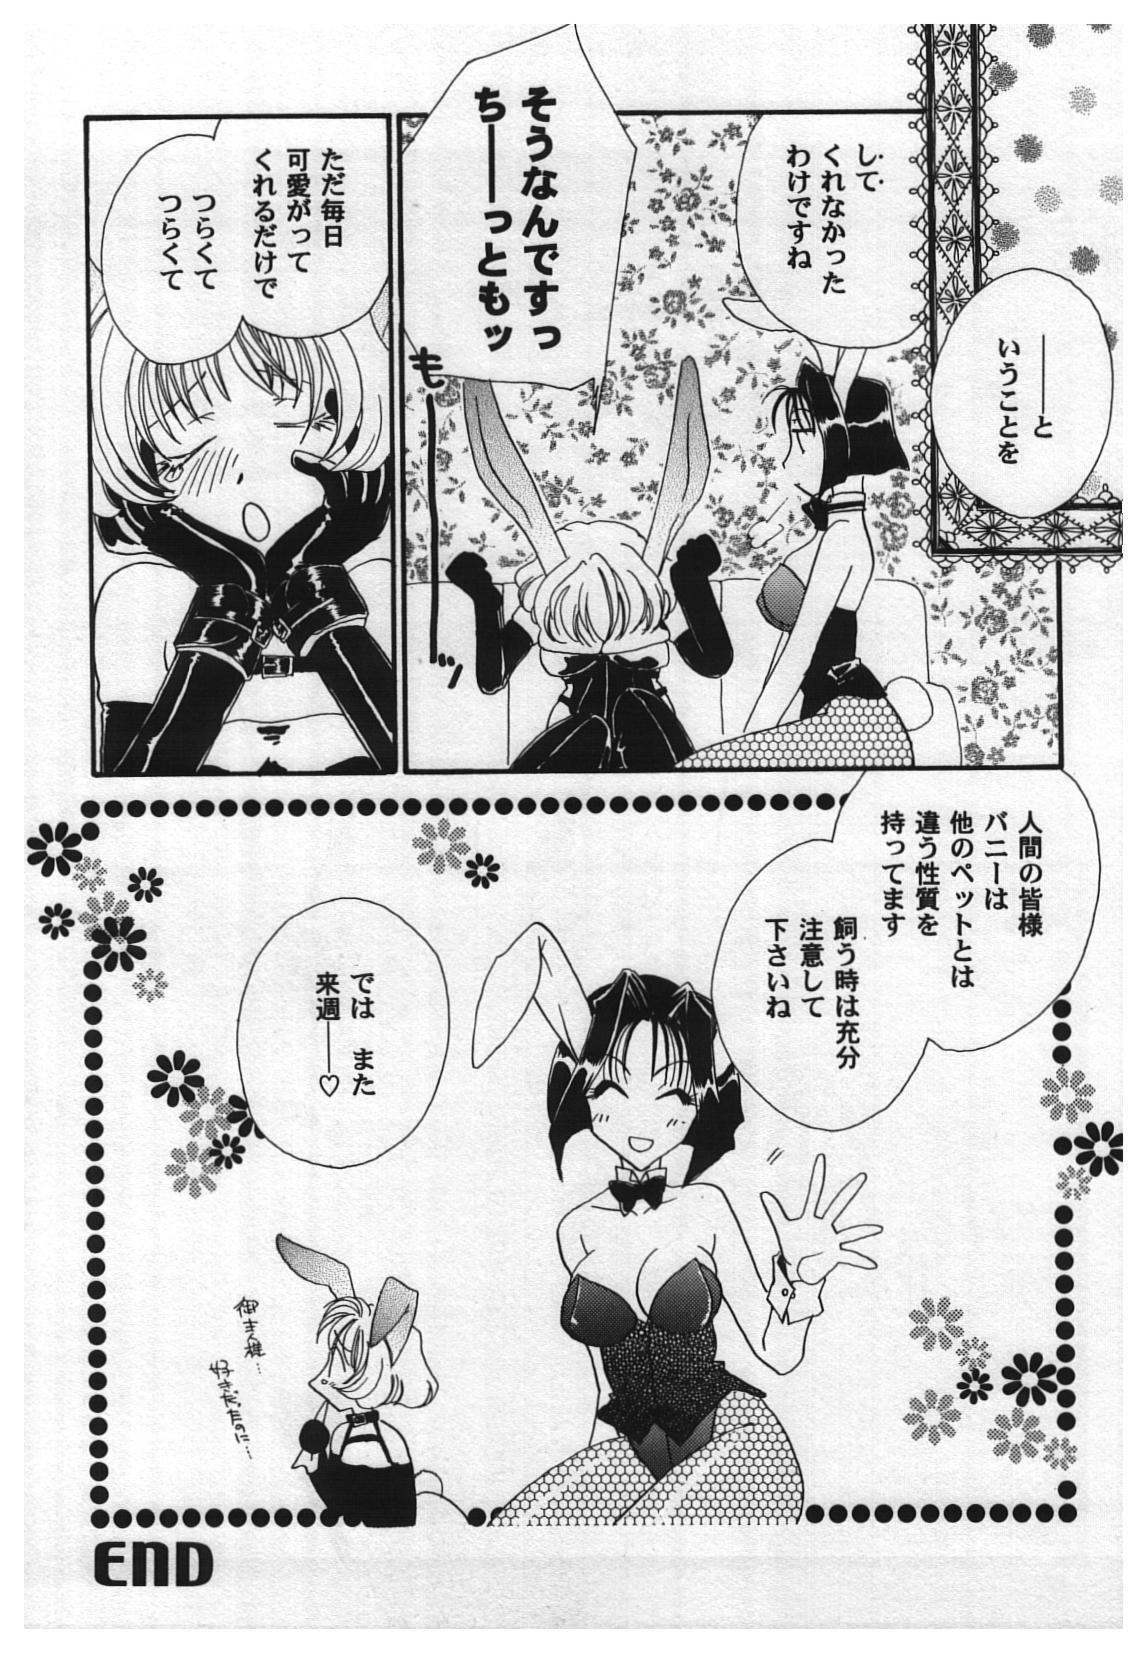 Girl's Parade 2000 5 154